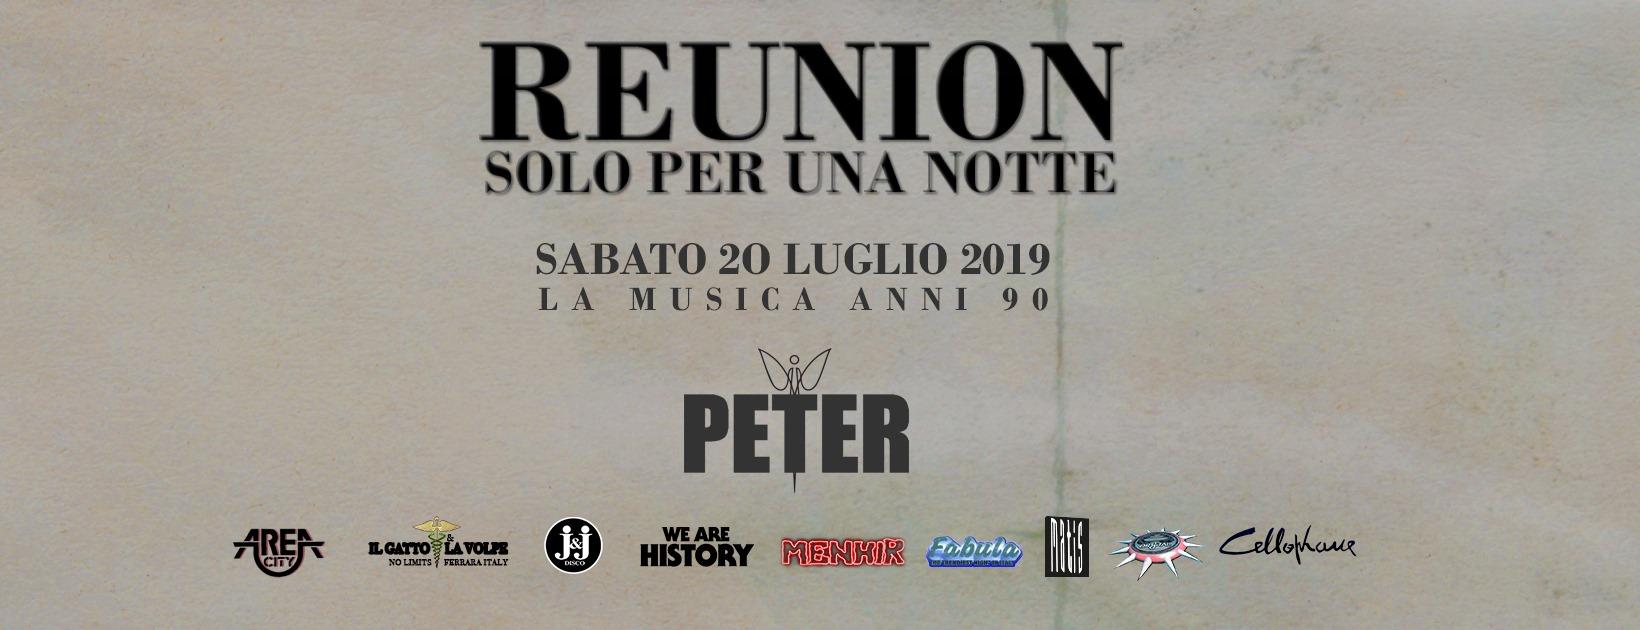 Peter Pan – Reunion  – Sabato 20 Luglio 2019 – Ticket -Biglietti 18app – Pacchetti Hotel